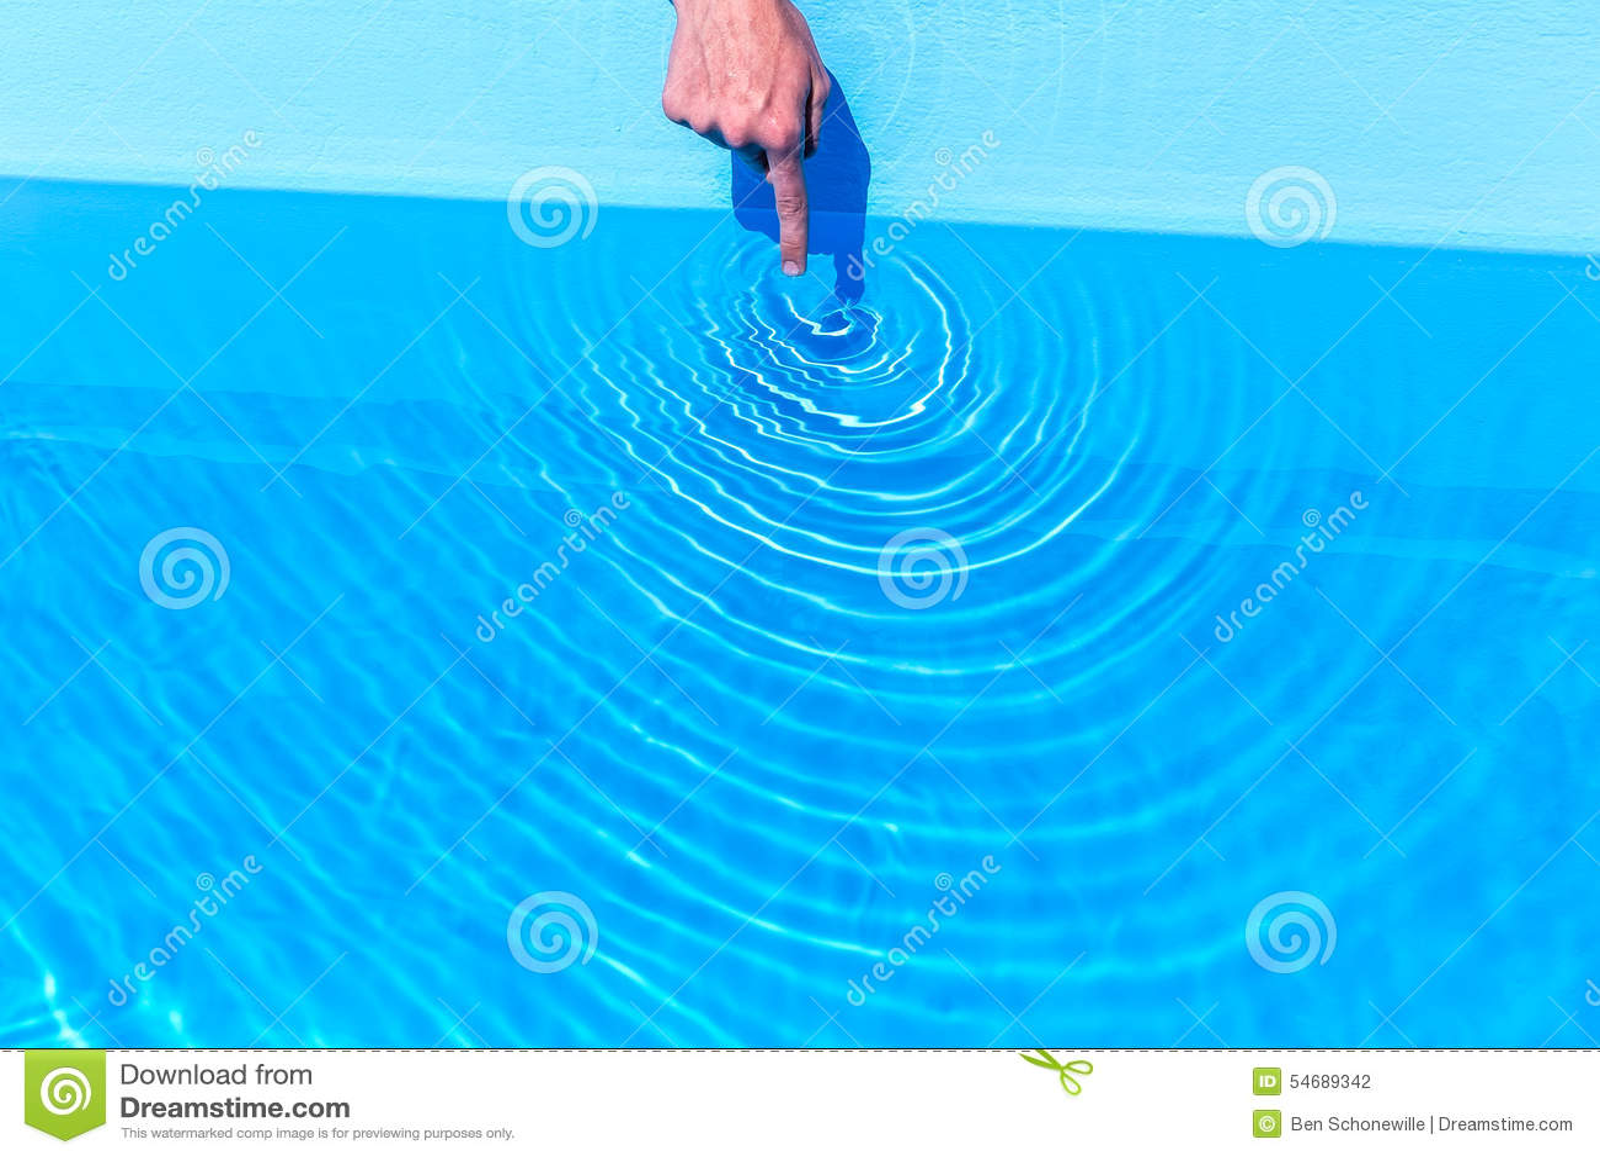 Zeigefinger, der Wellen wie Kreise im Swimmingpool macht